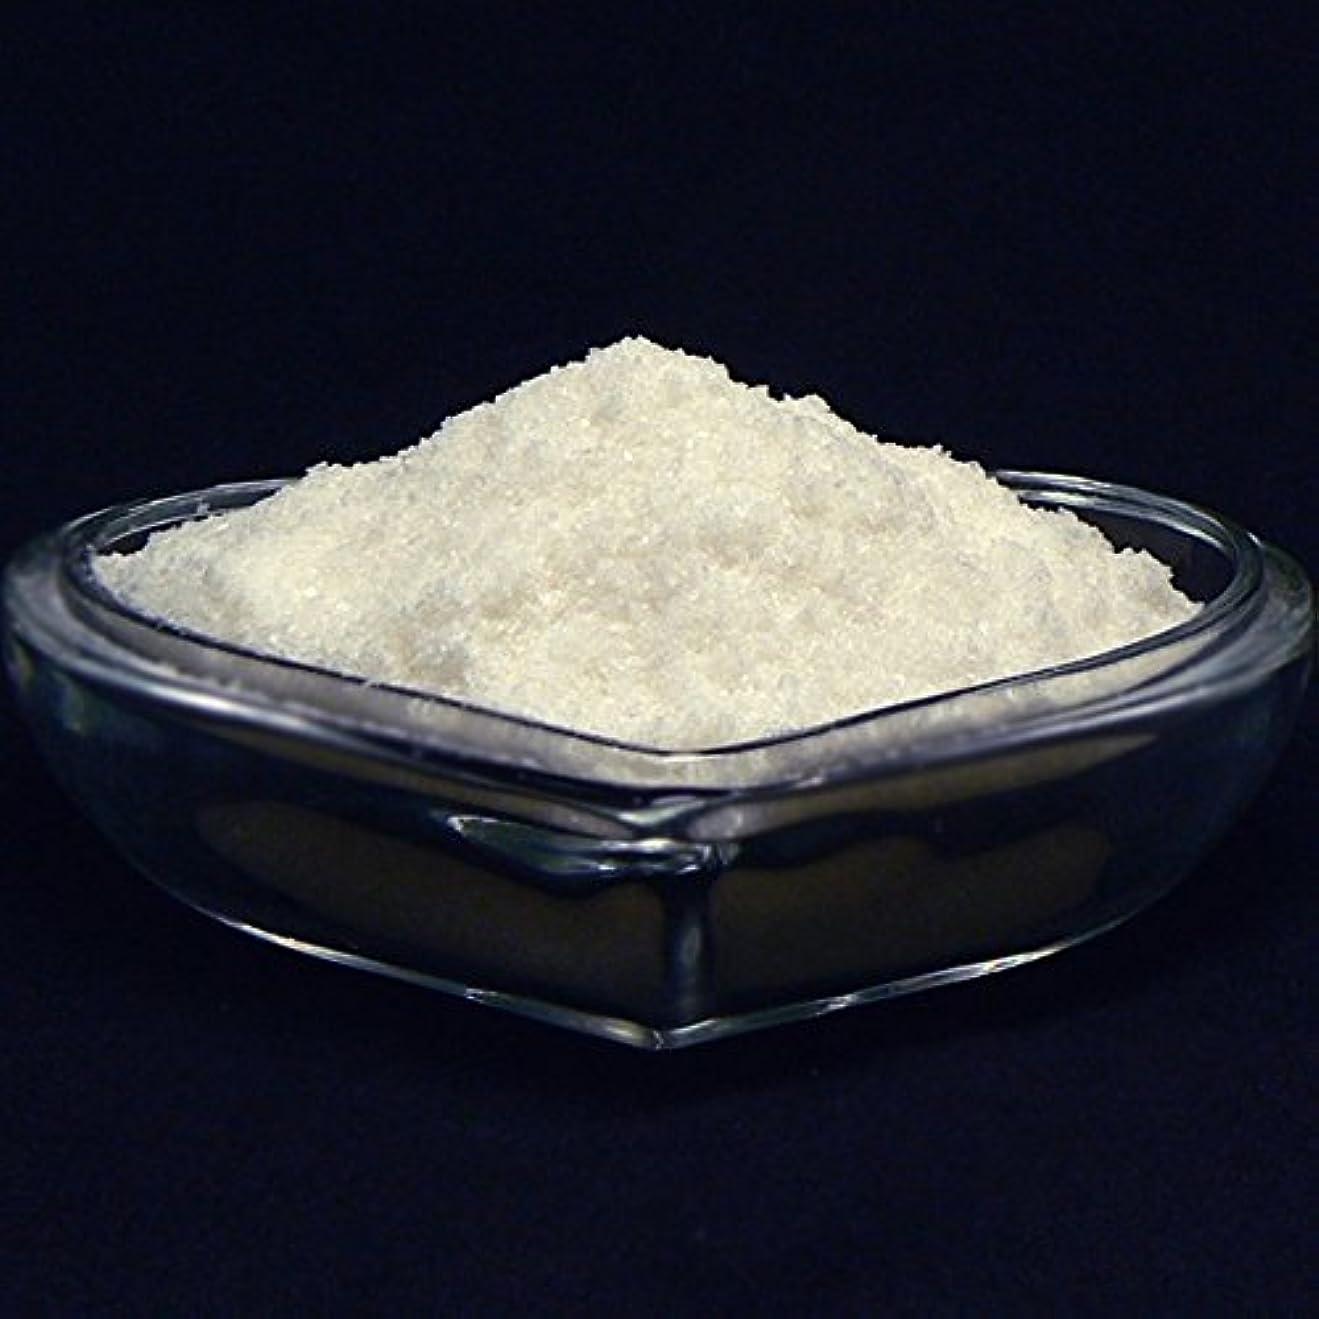 ヒマラヤ岩塩 クリスタルソルト 入浴用 バスソルト(パウダー)白岩塩 (1kg+250g増量)